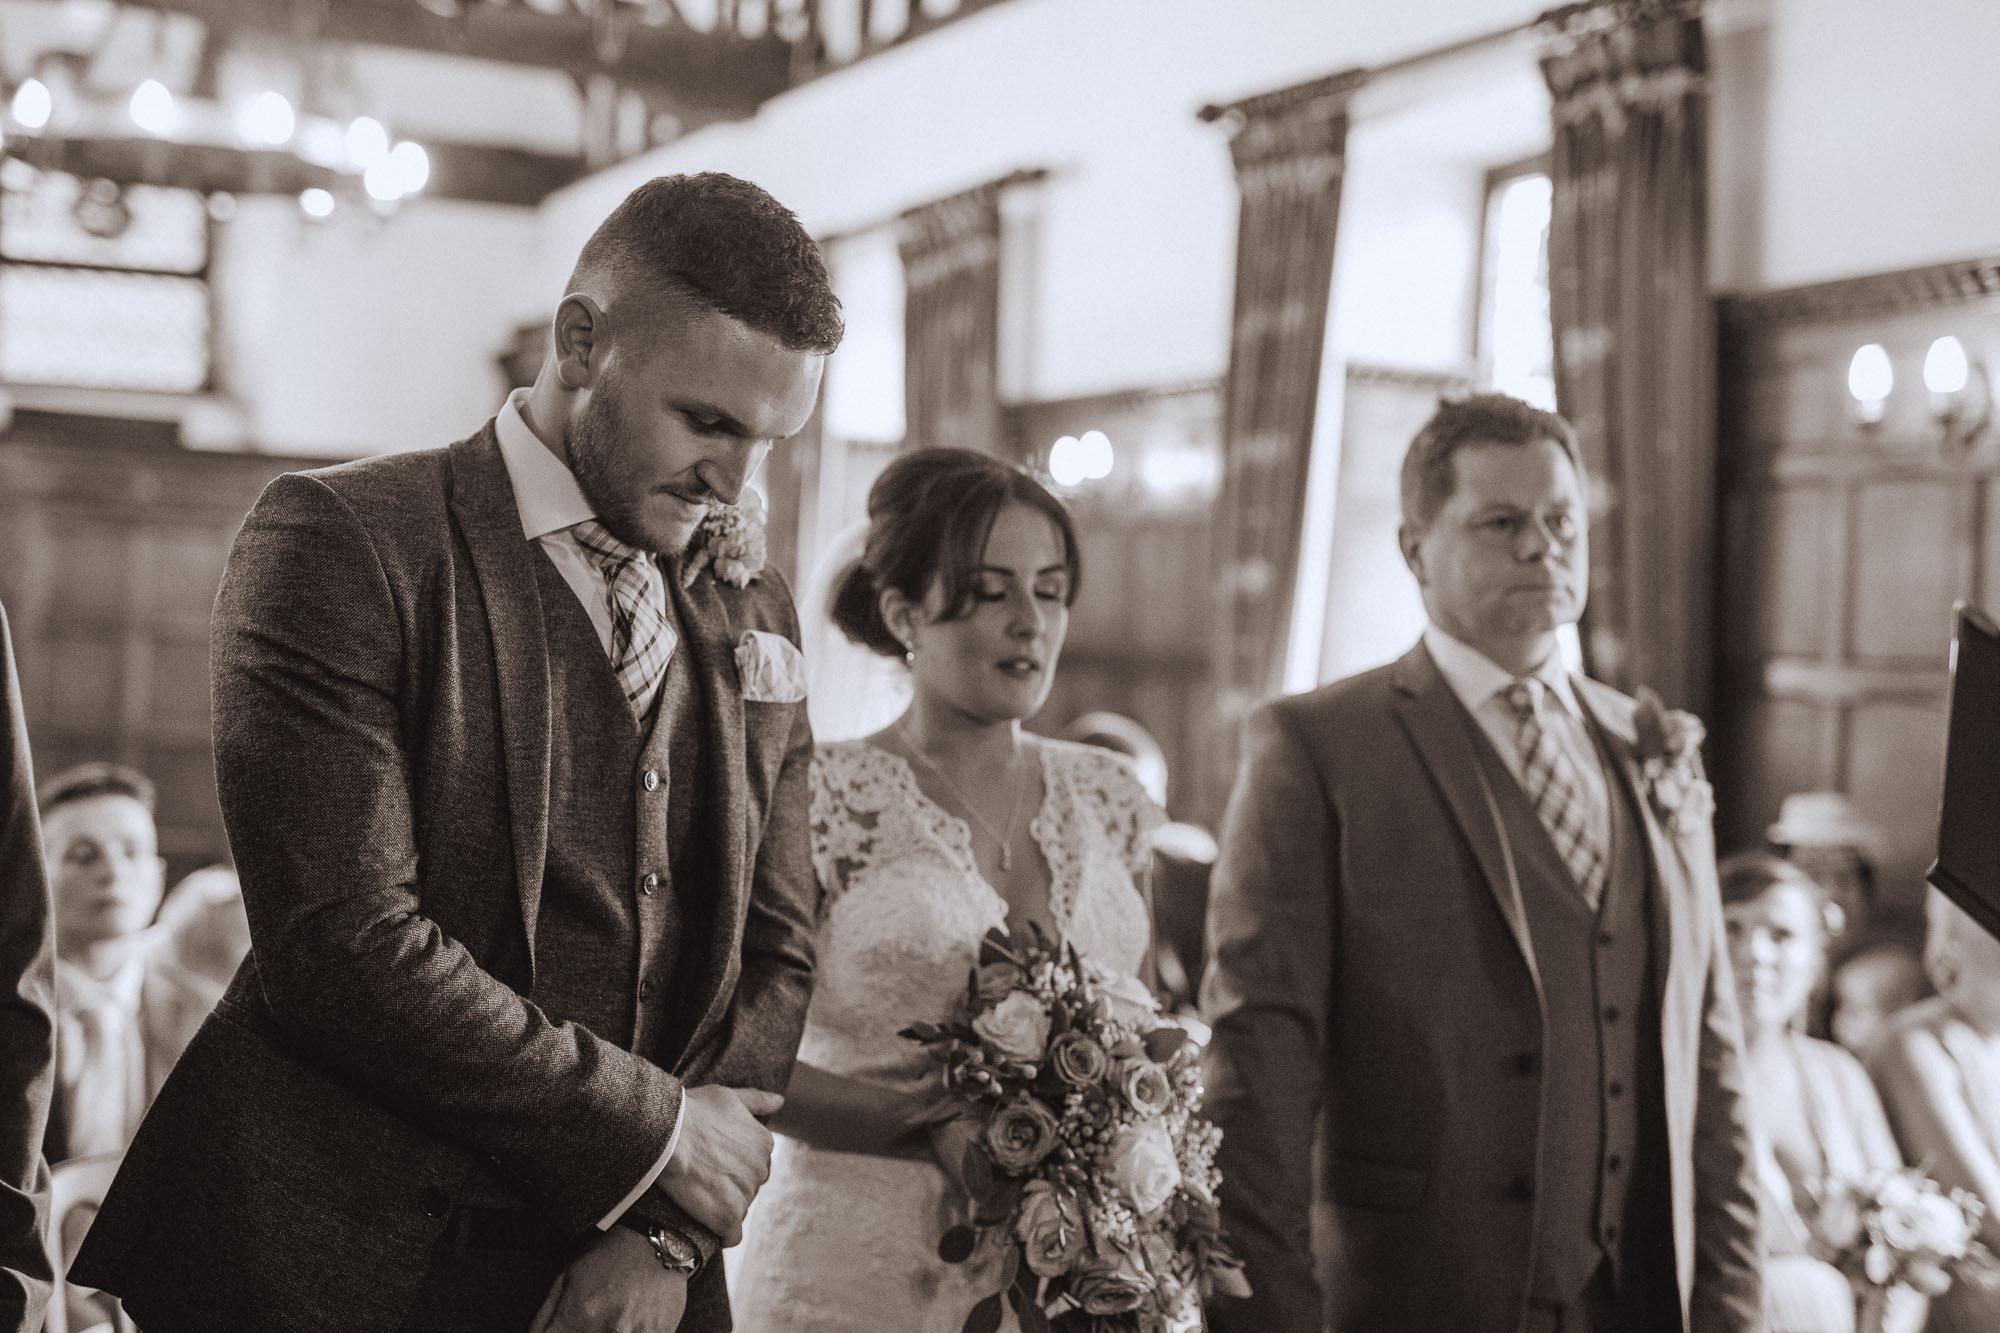 Groombridge-place-wedding-photography-29.jpg